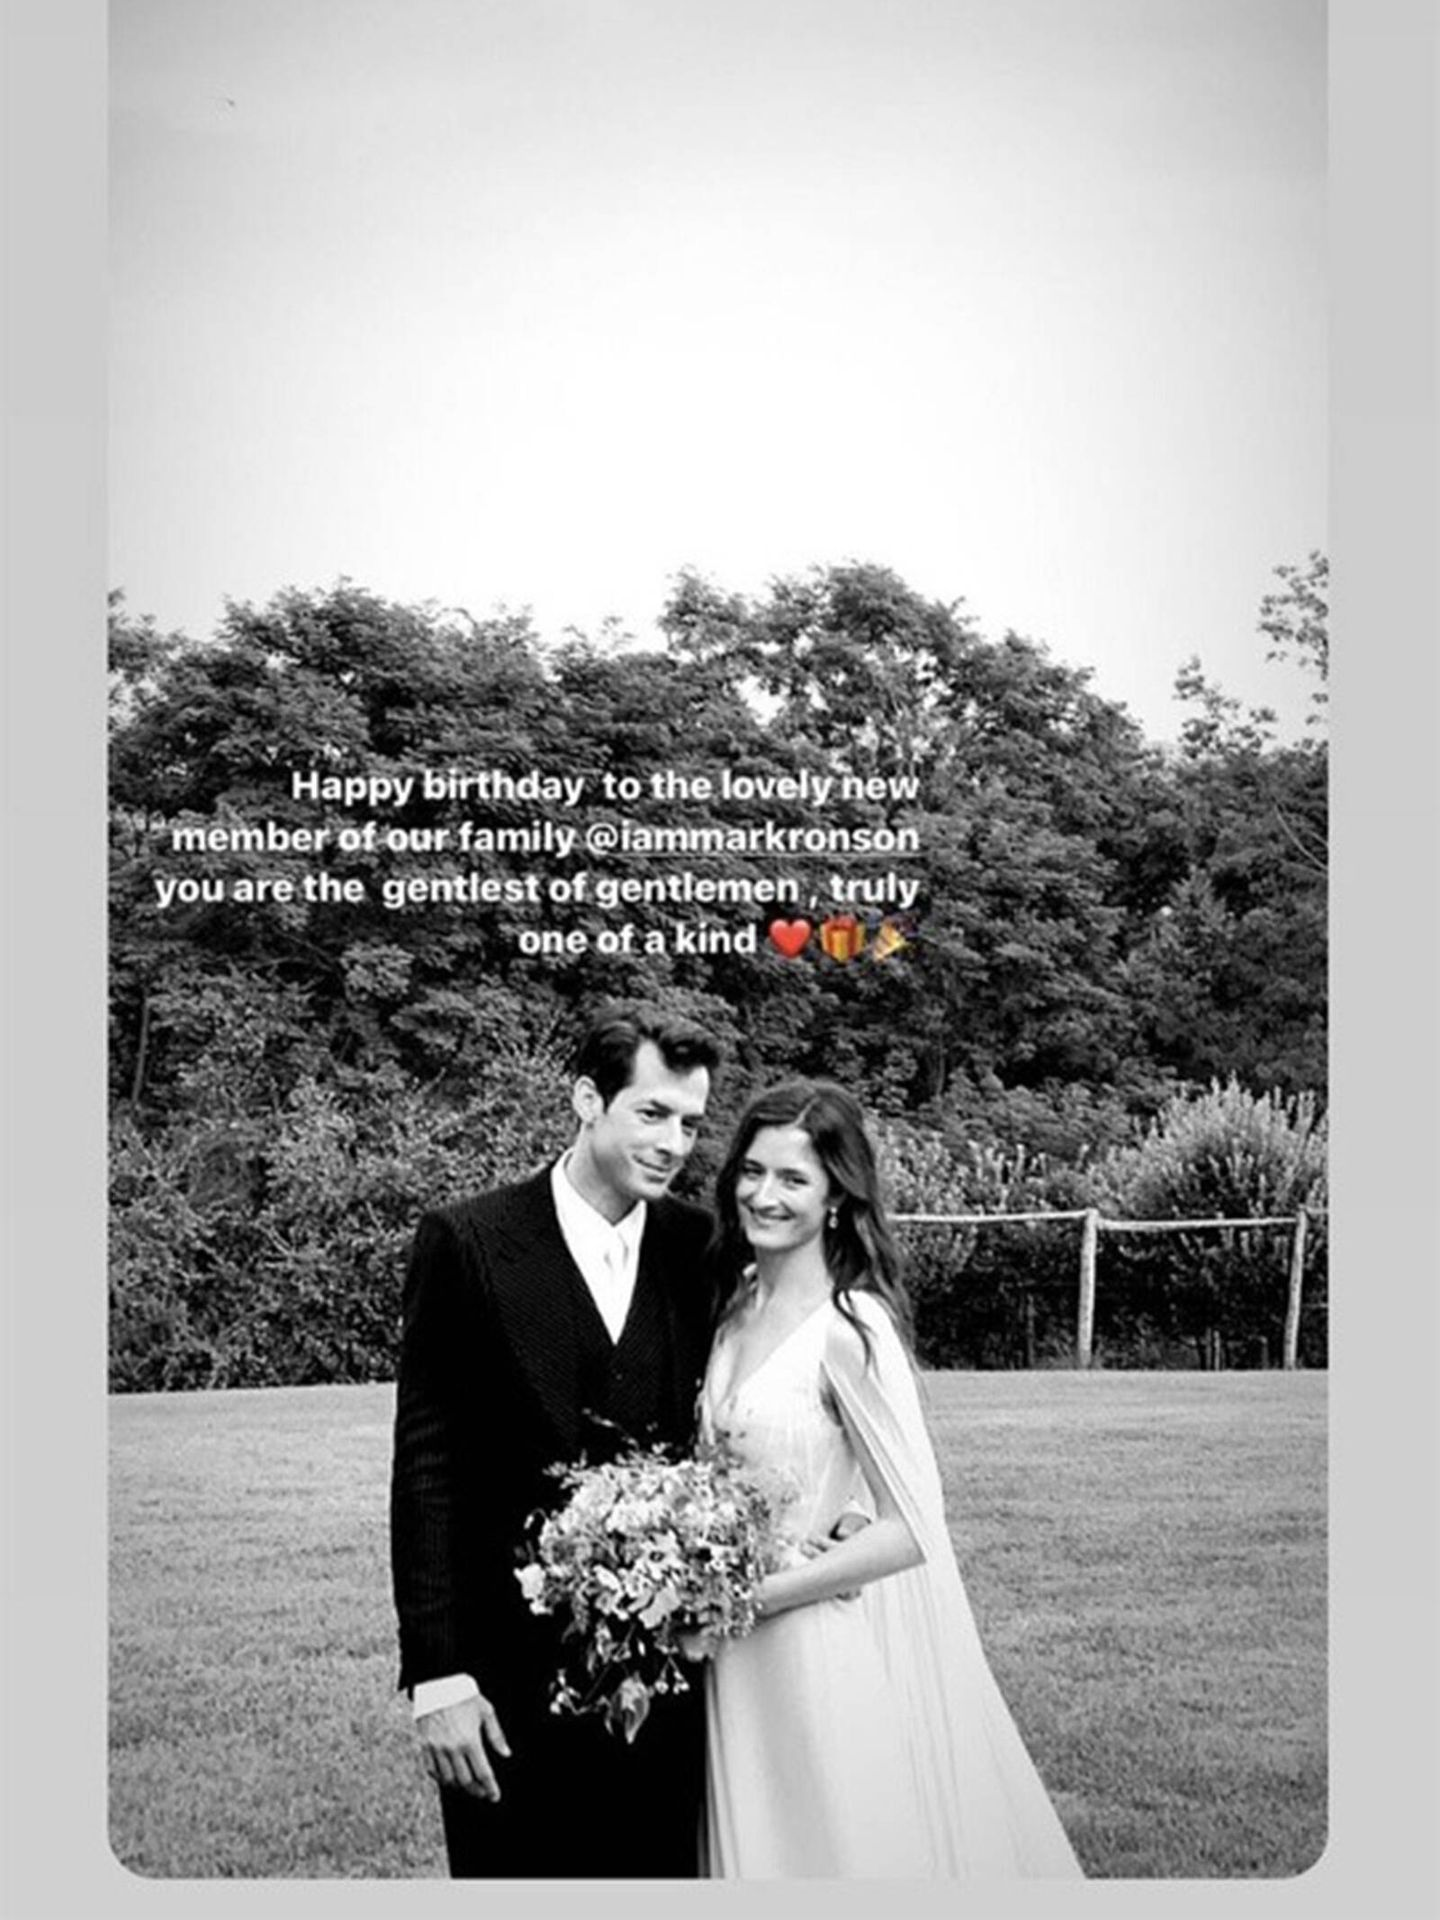 La hermana de Grace, Louisa Gummer, dedicó unas emotivas palabras de cariño a su cuñado por su cumpleaños. (Instagram @iammarkronson)